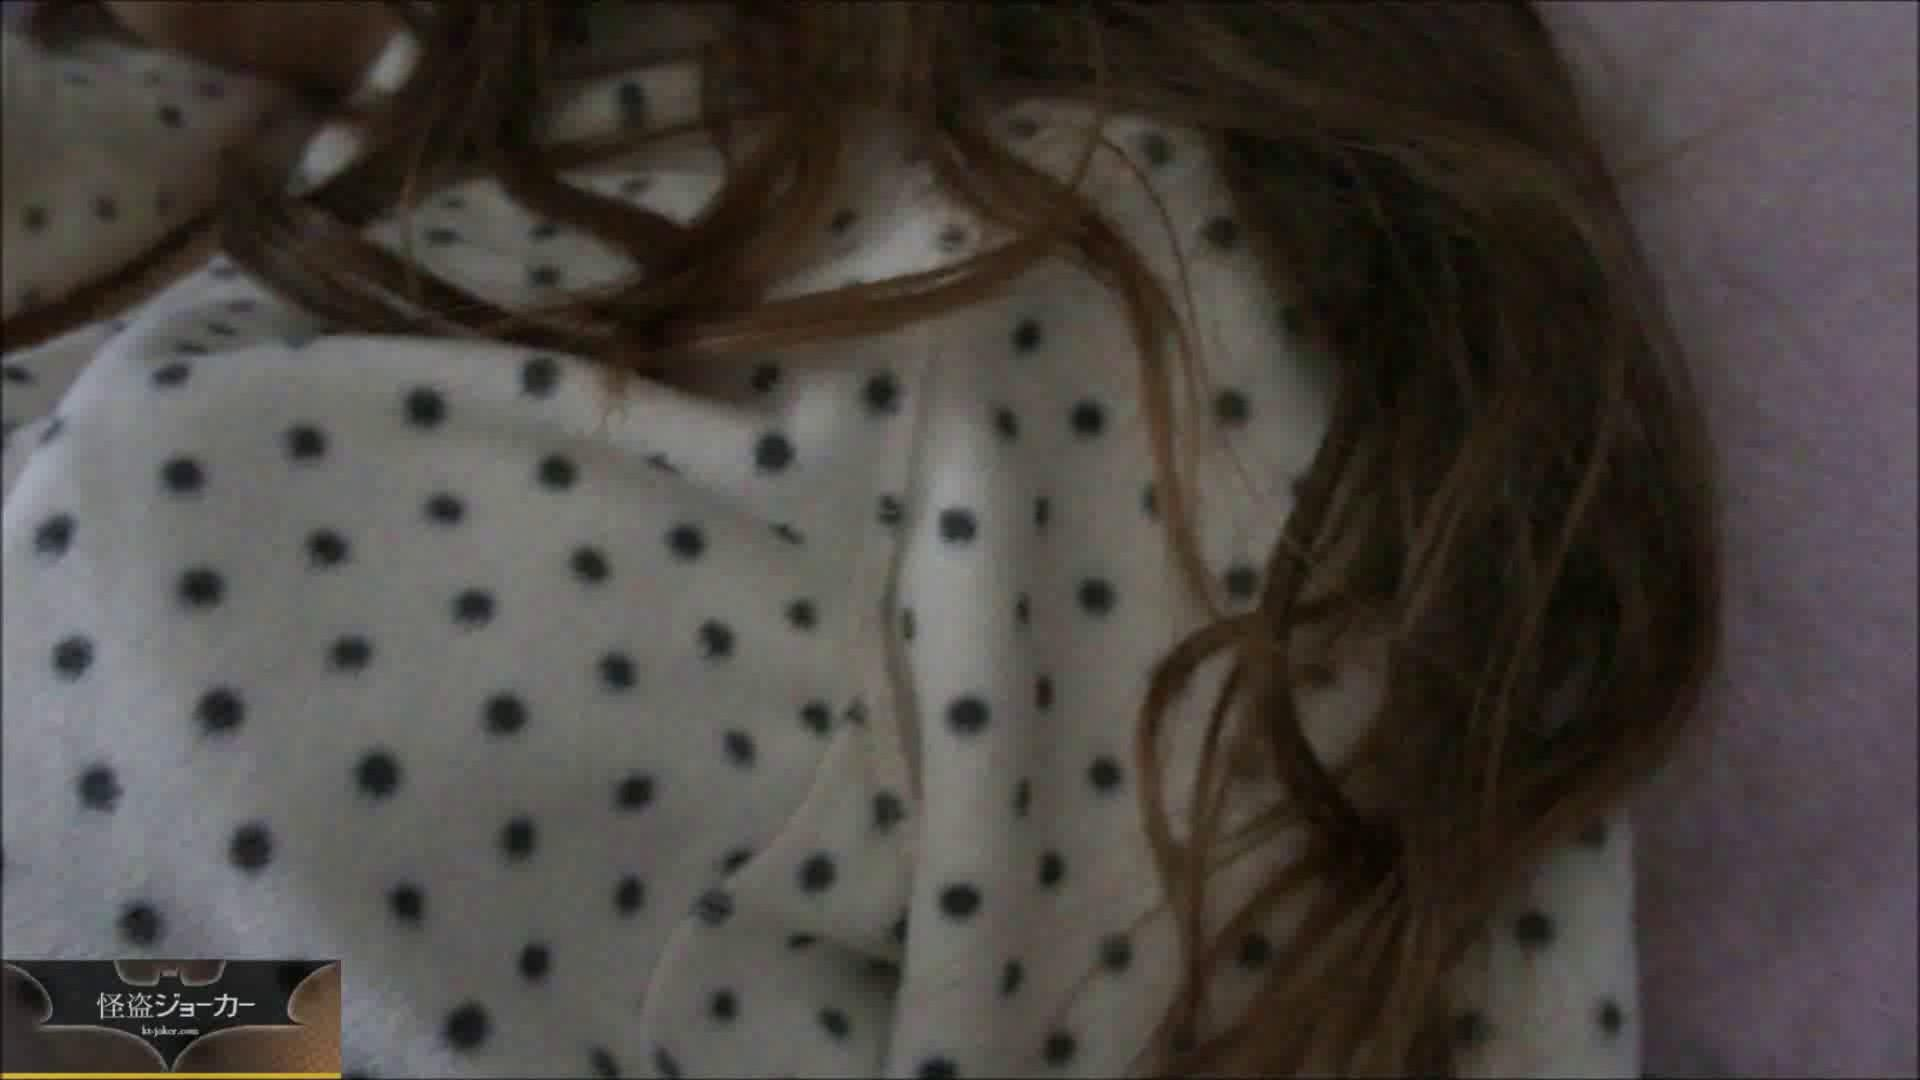 【未公開】vol.1 【ユリナの実女市・ヒトミ】若ママを目民らせて・・・ エッチな人妻 AV無料 70画像 23